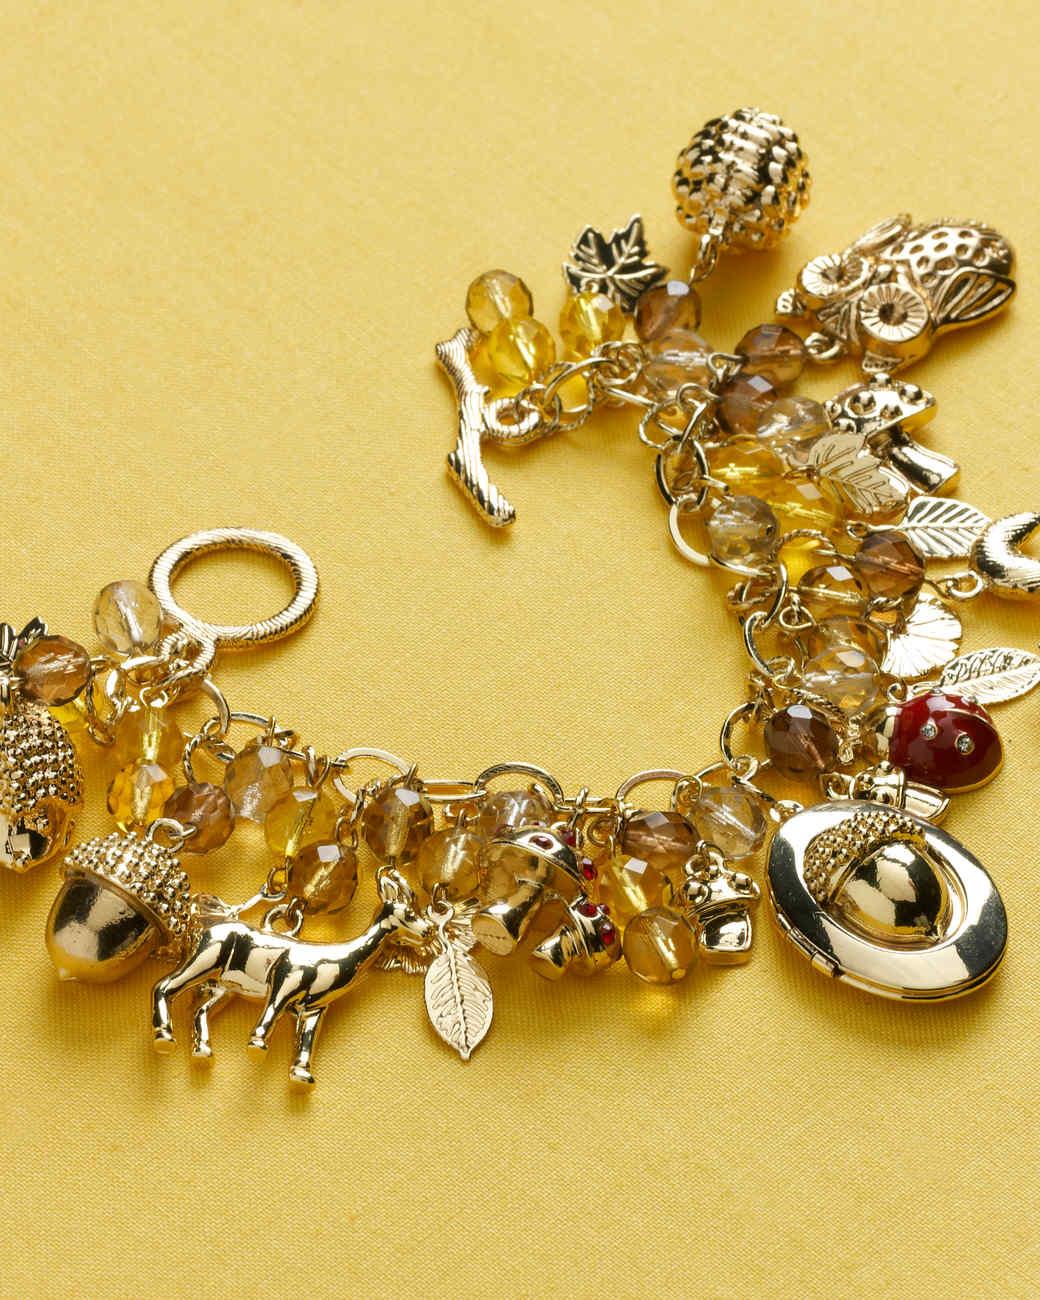 mscrafts-fall-jewelry4-13.jpg